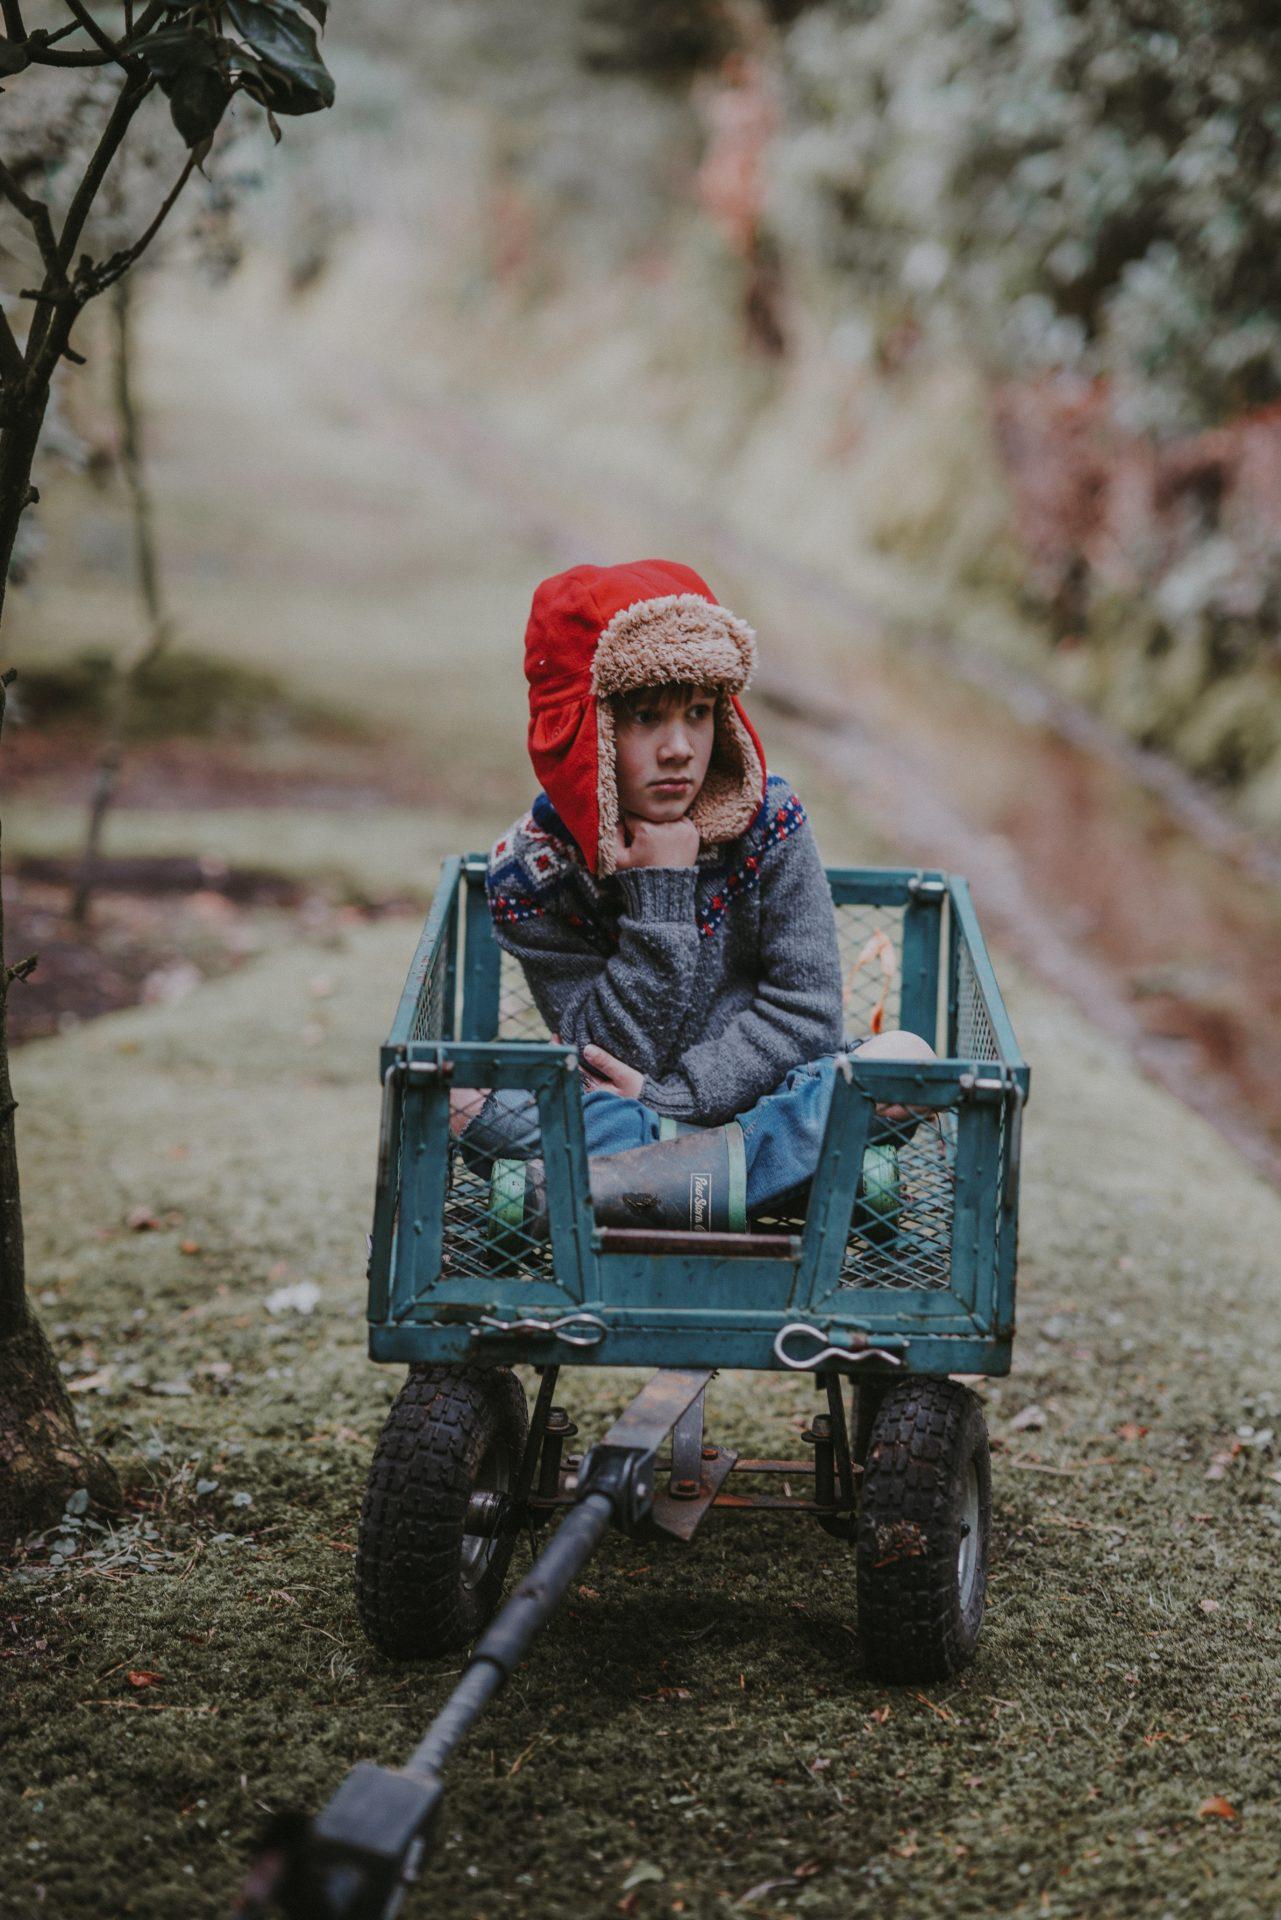 Kind in Bollerwagen gelangweilt Elternblog Isabelle von Abendroth Elternberatung, Elterncoaching, Elternworkshops